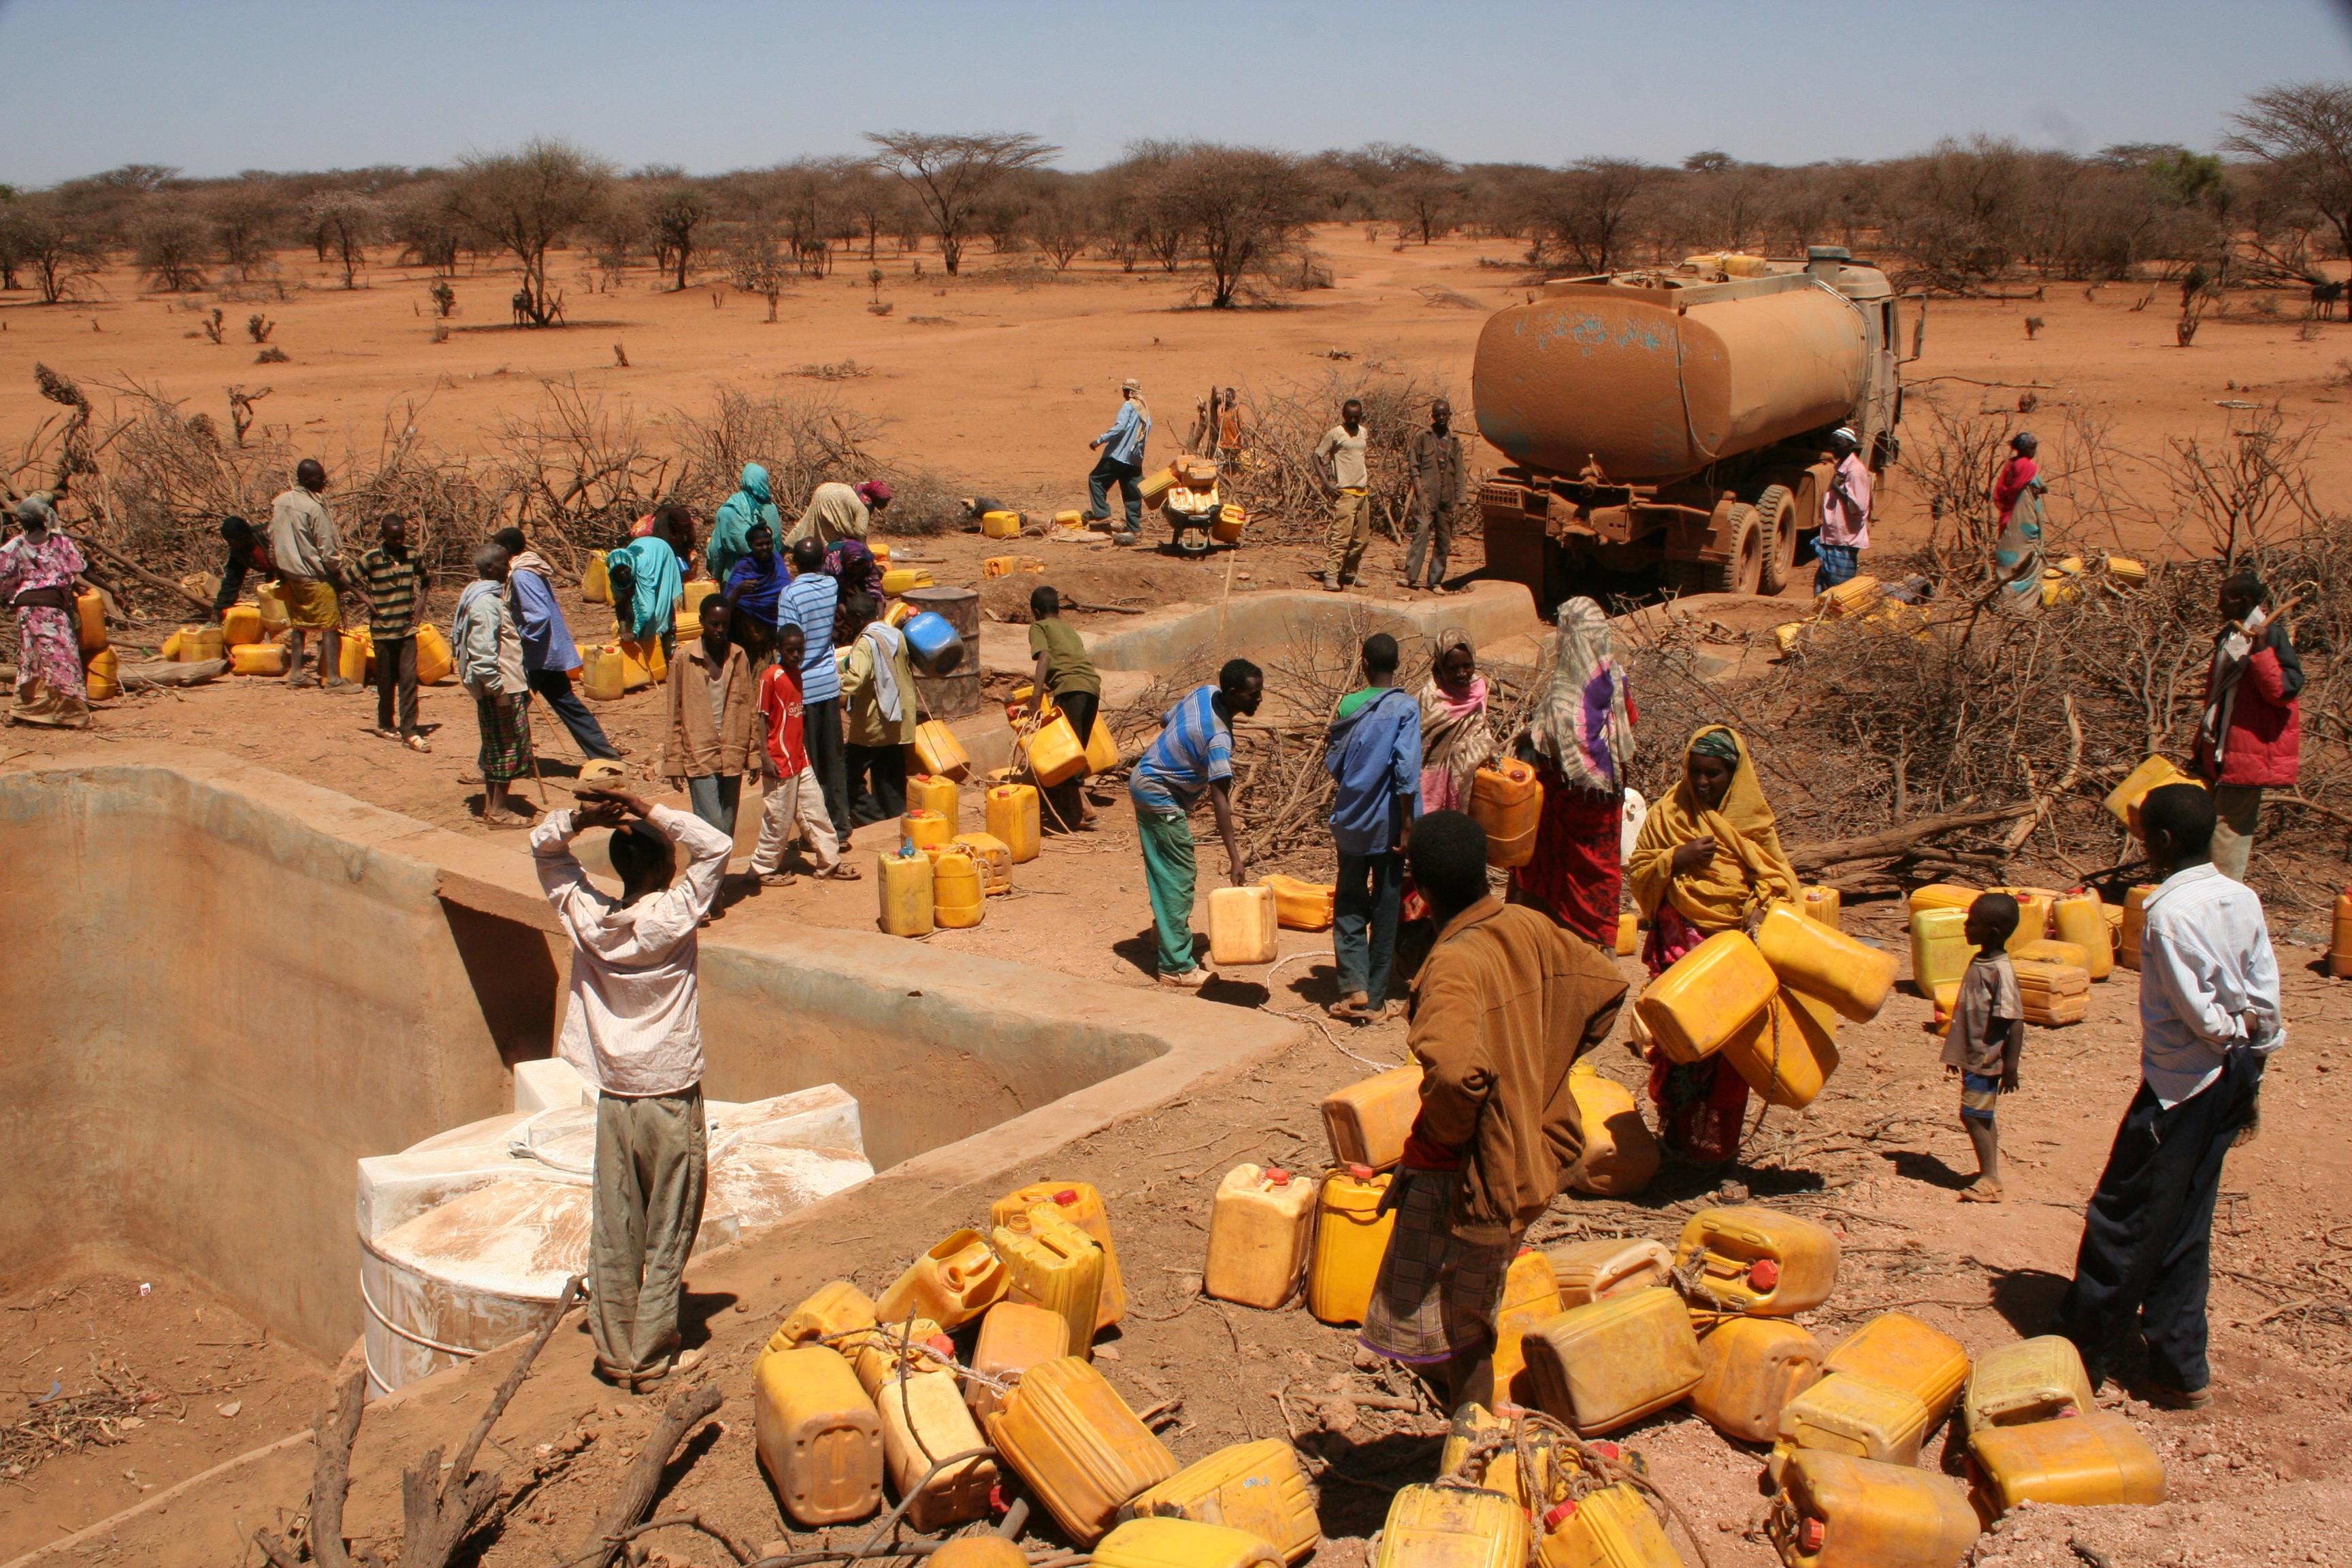 الجفاف يجتاح جنوب افريقيا